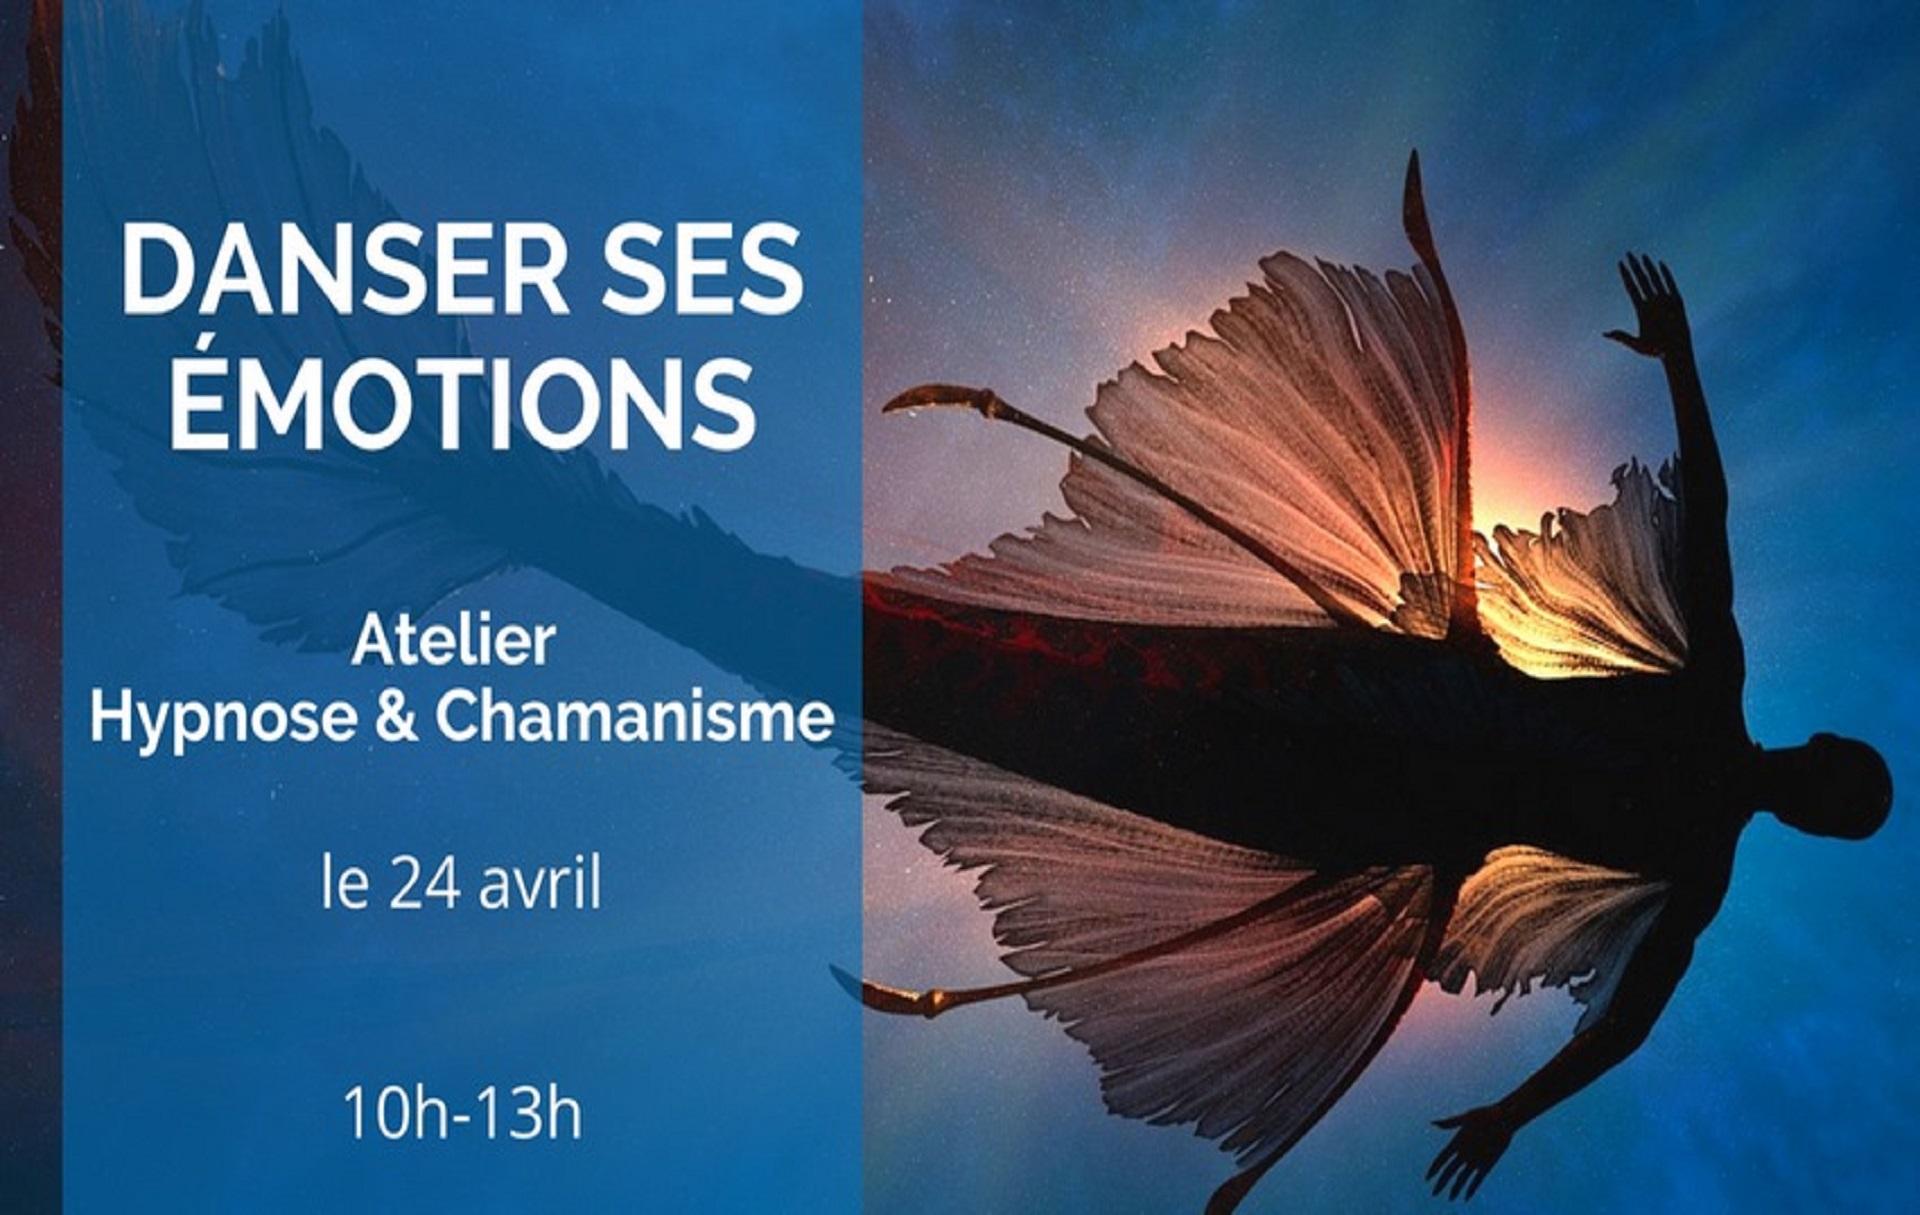 Evènement : Atelier Hypnose et Chamanisme le 24 avril à Doréssens